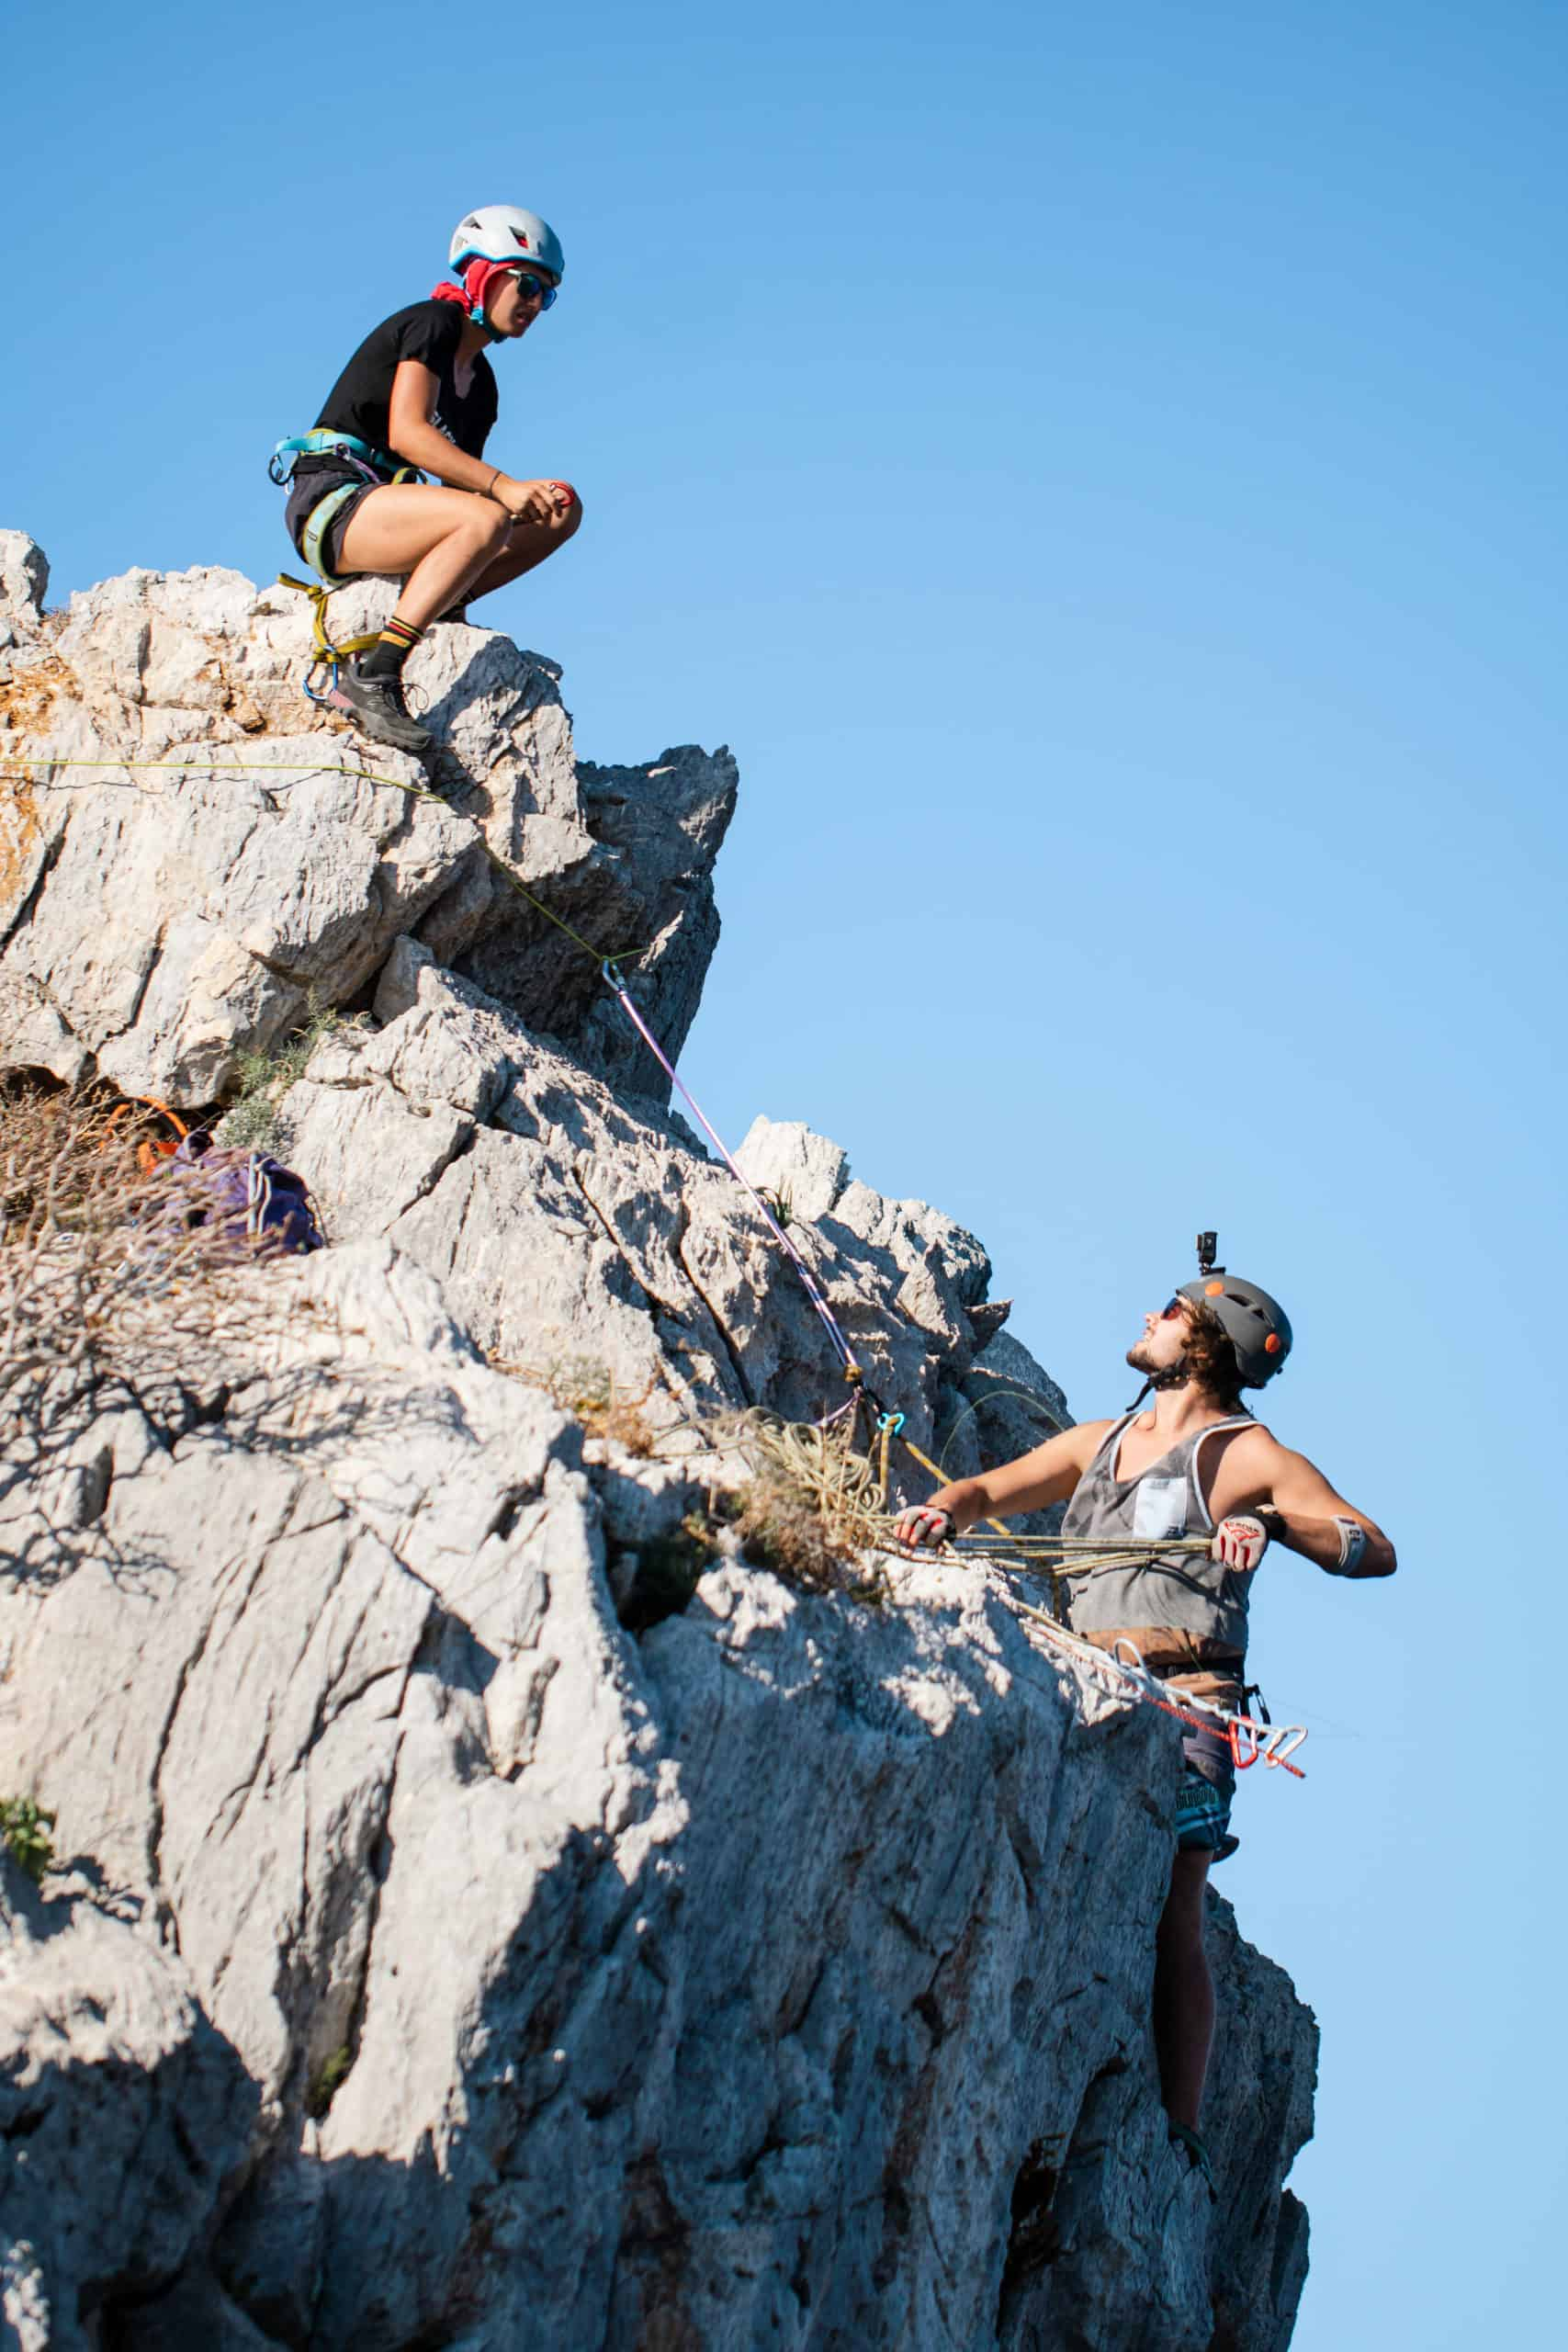 onetotwo Projekt Connecting Islands - Flo Zoller klettern am Pan di Zucchero herum um die Highline zu spannen